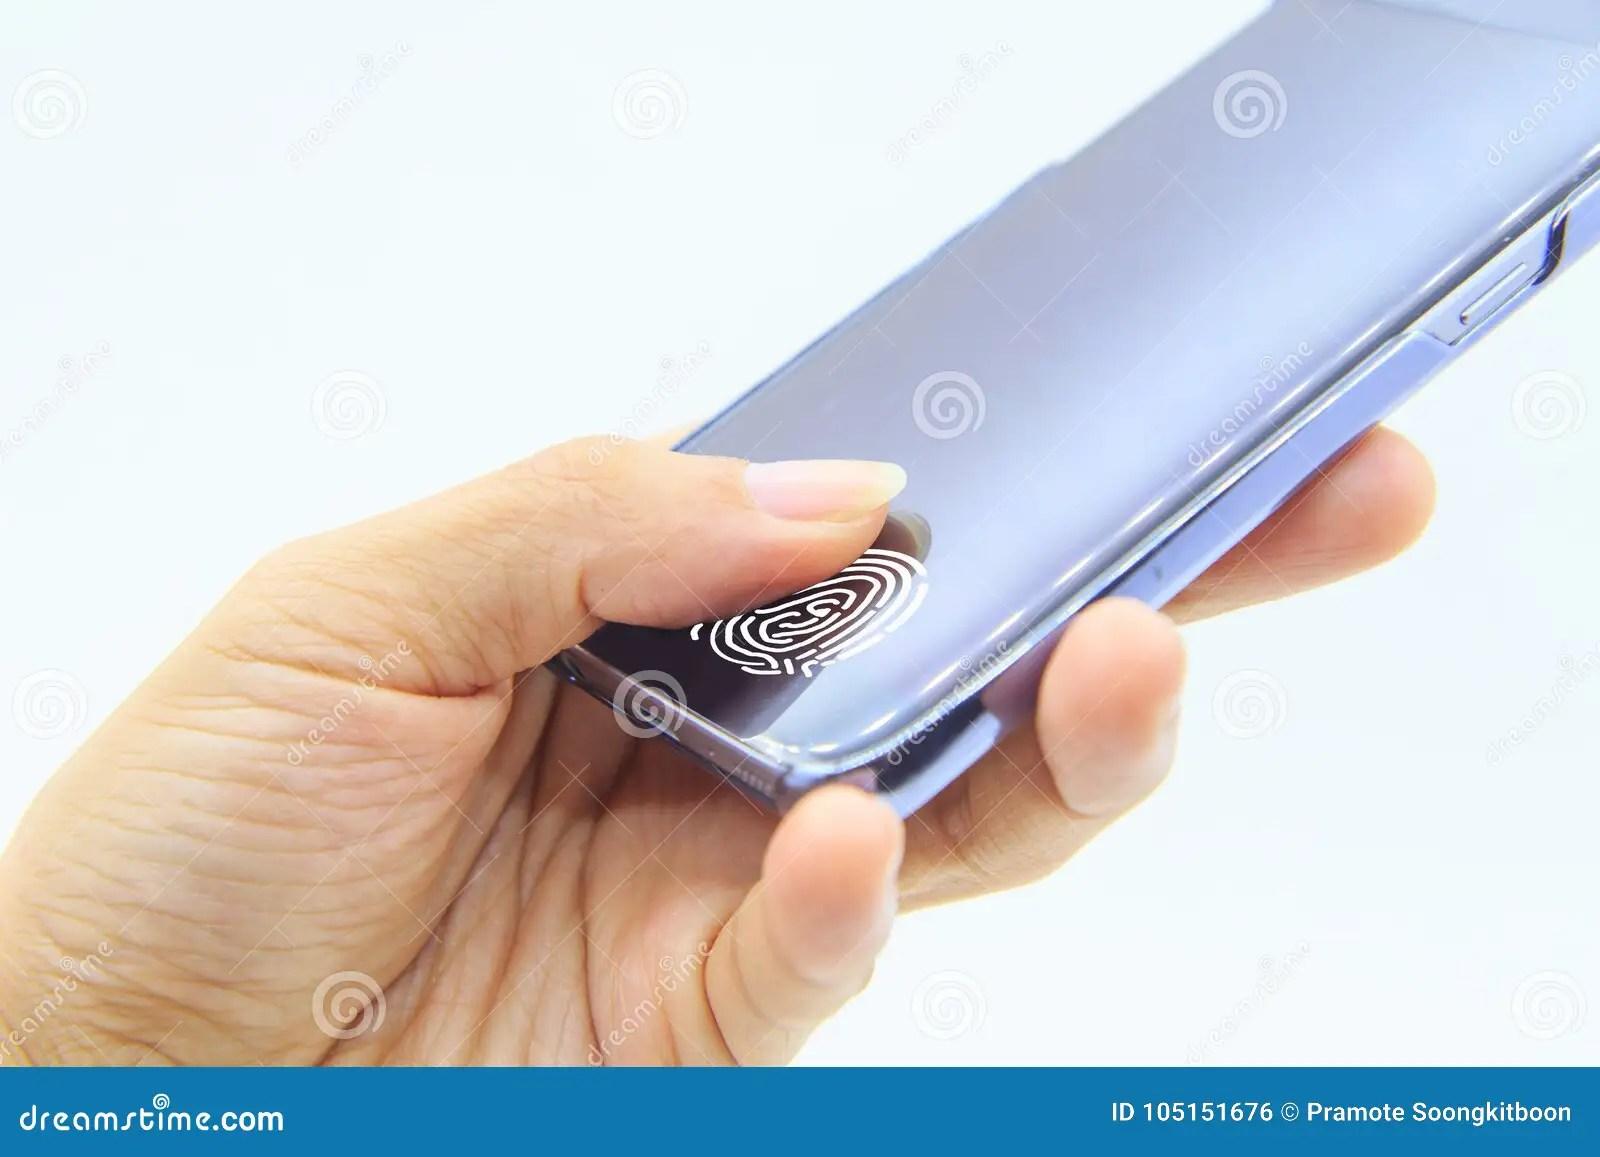 fingerprint scanner on mobile